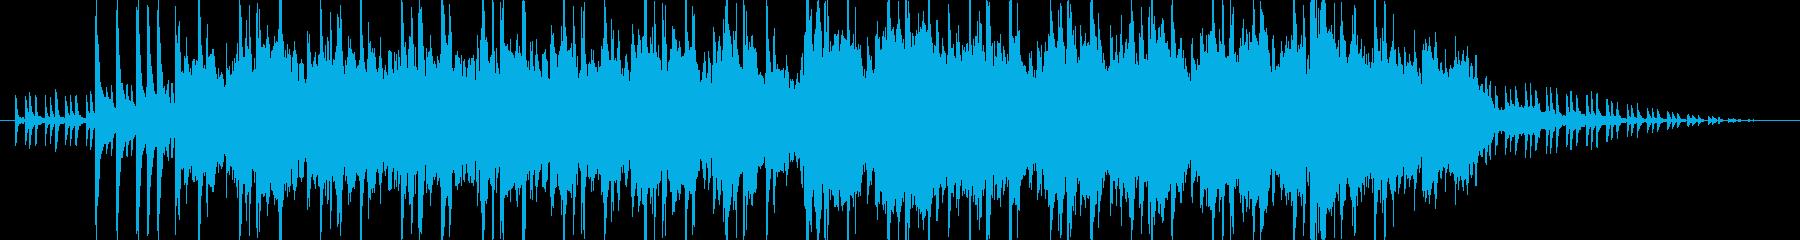 ピコピコかわいい出囃子 電子音 アイドルの再生済みの波形